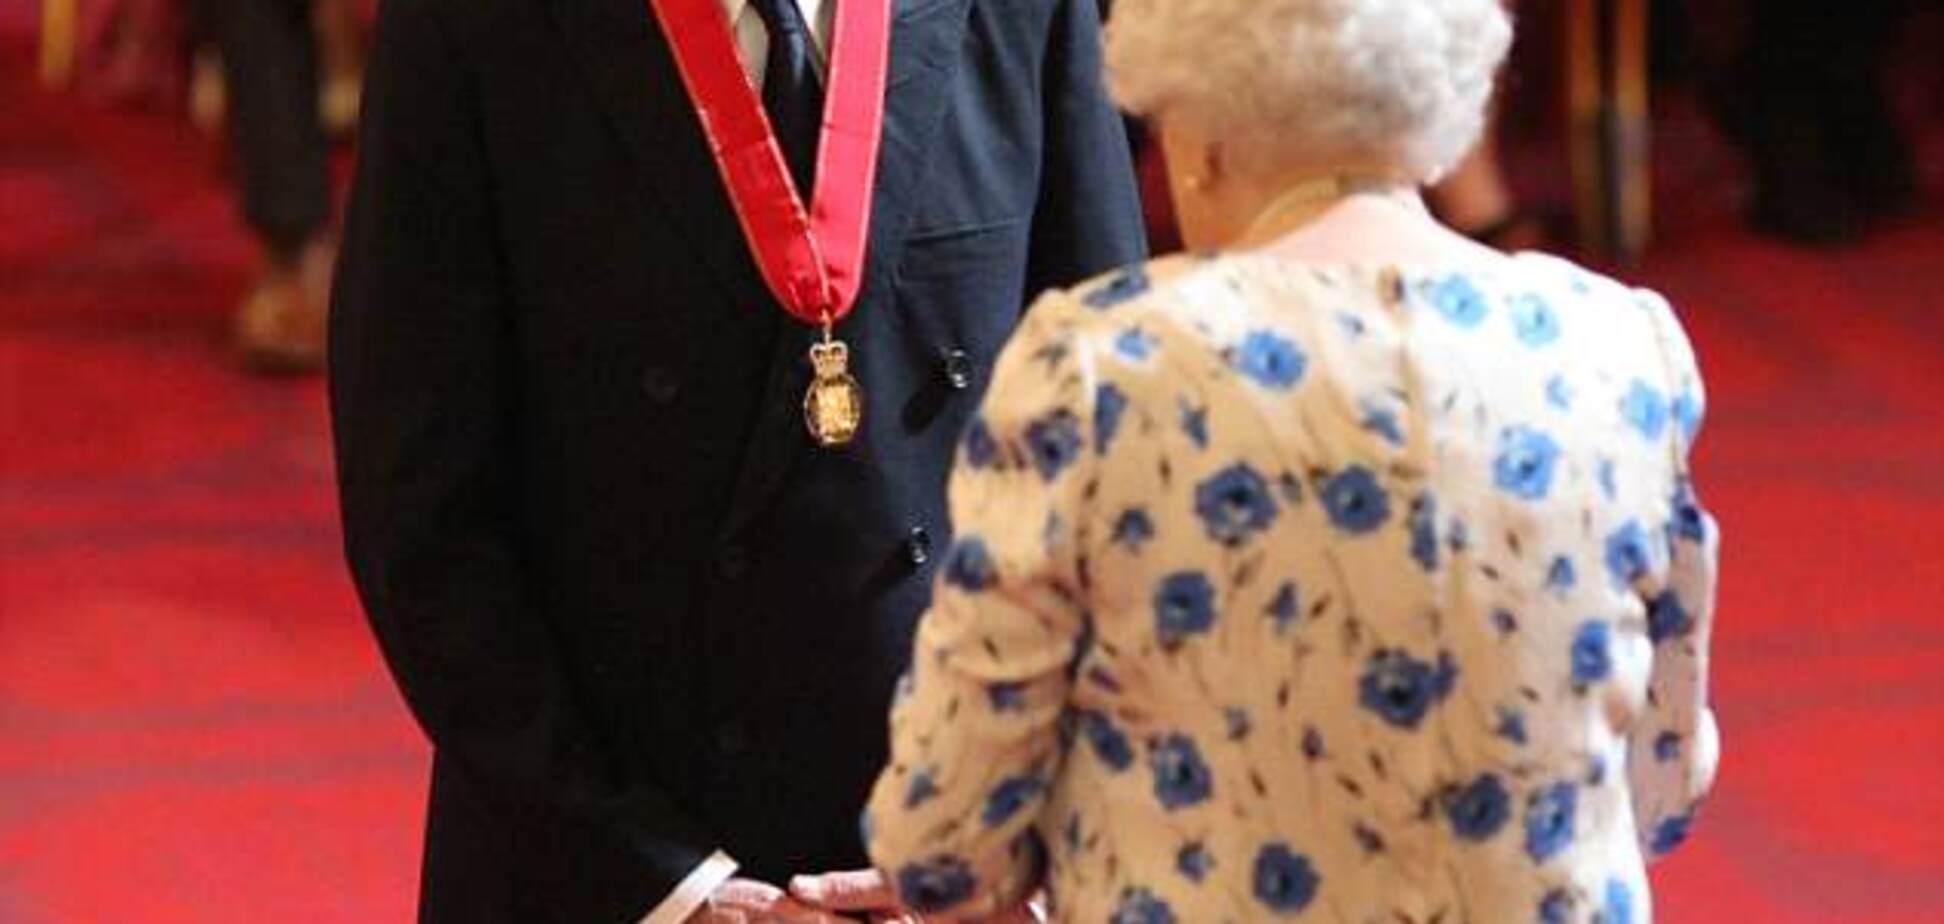 Королева вручила Маккартни орден